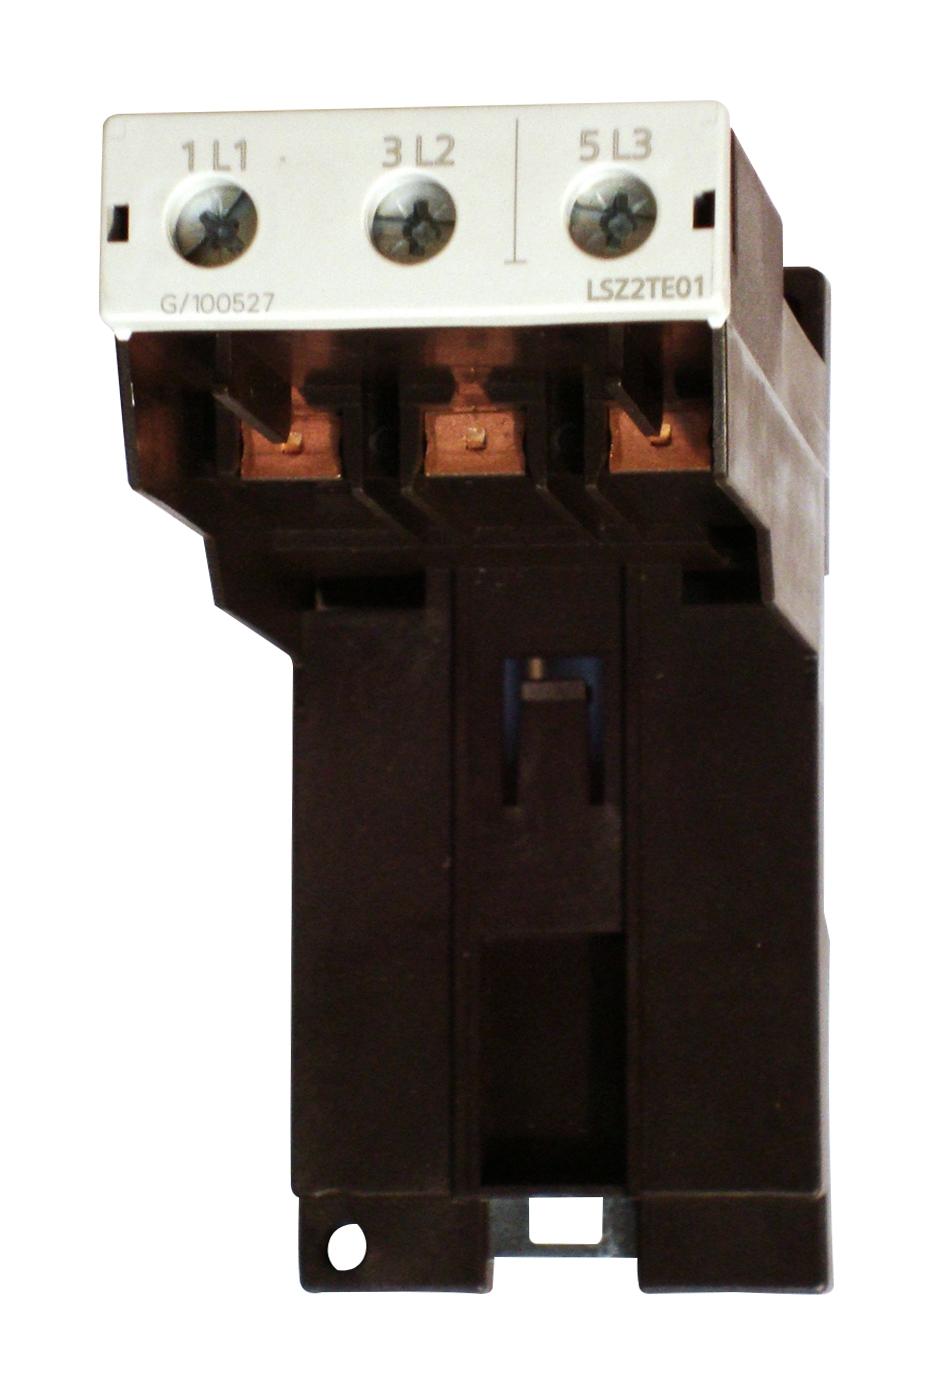 1 Stk Einzelaufstellungsträger für thermische Überlastrelais Bgr.2 LSZ2TE01--